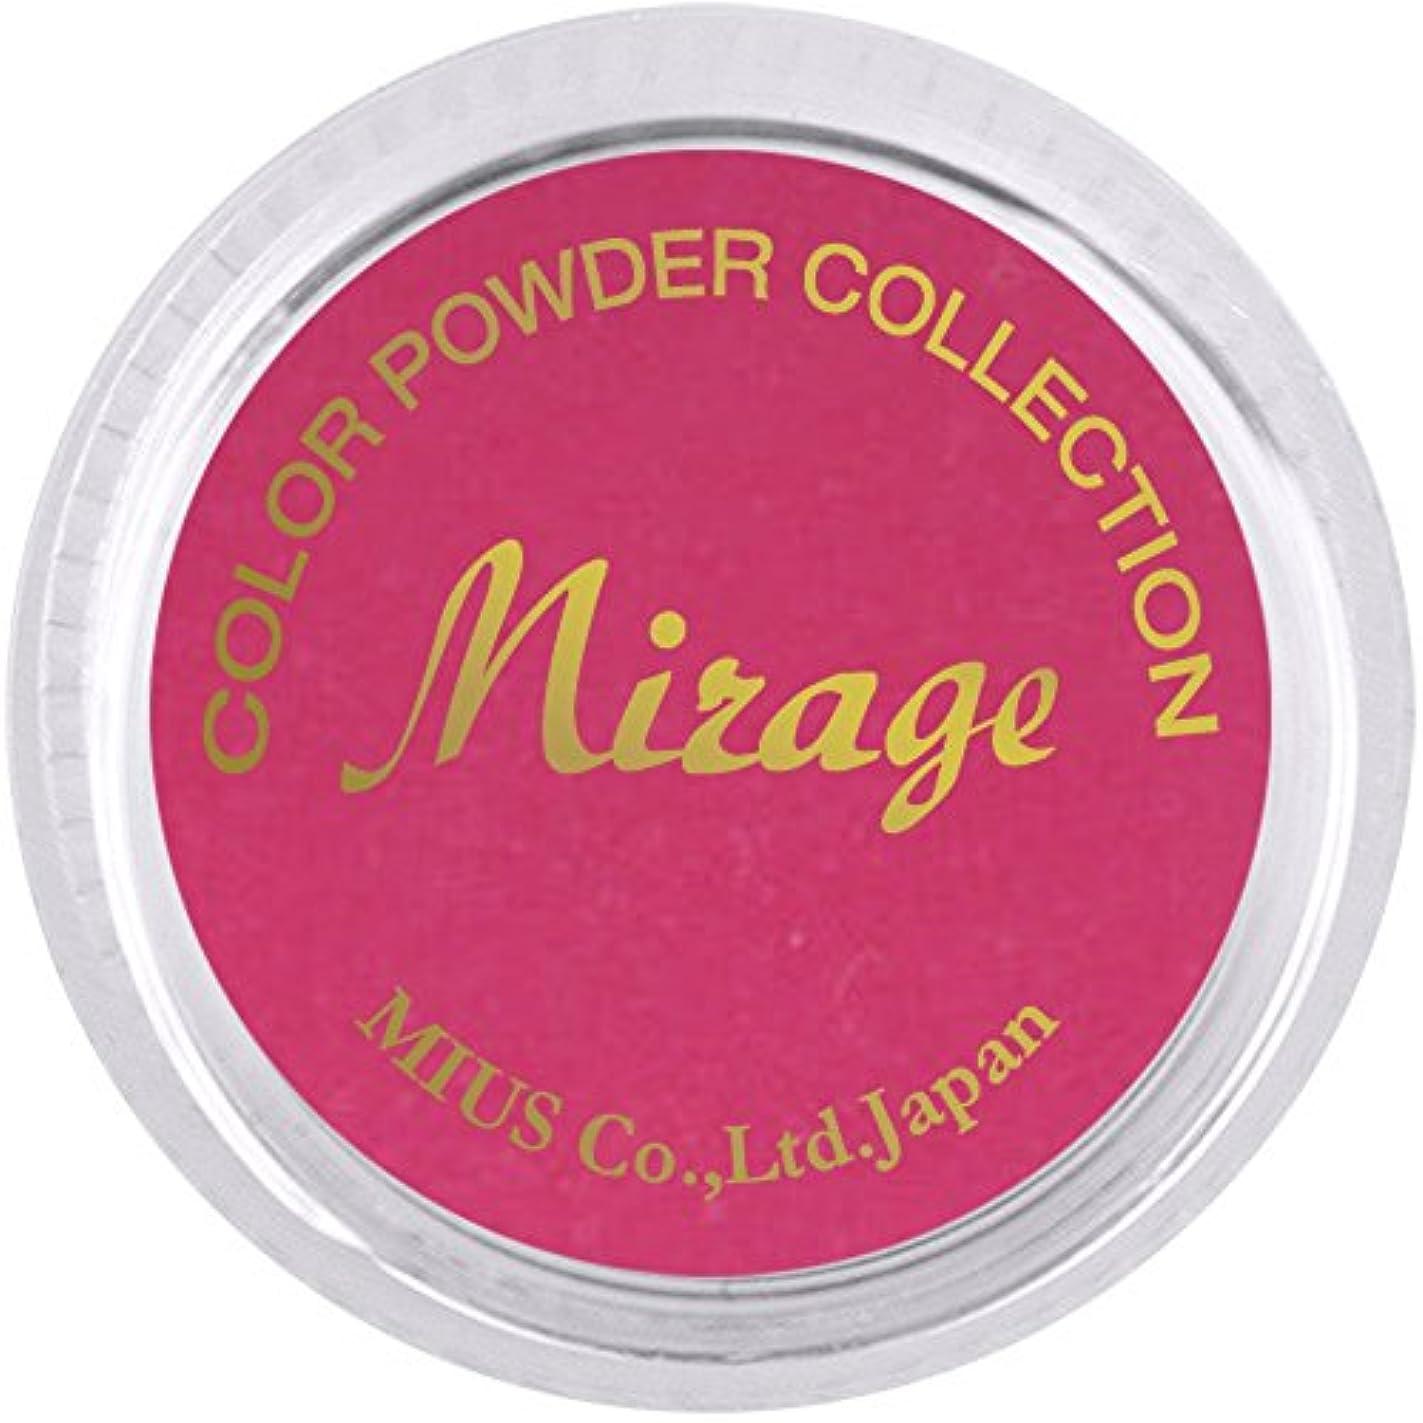 バーガーアリーナ分岐するミラージュ カラーパウダー N/WPG-10  7g  アクリルパウダー ピンクのグラデーションカラー